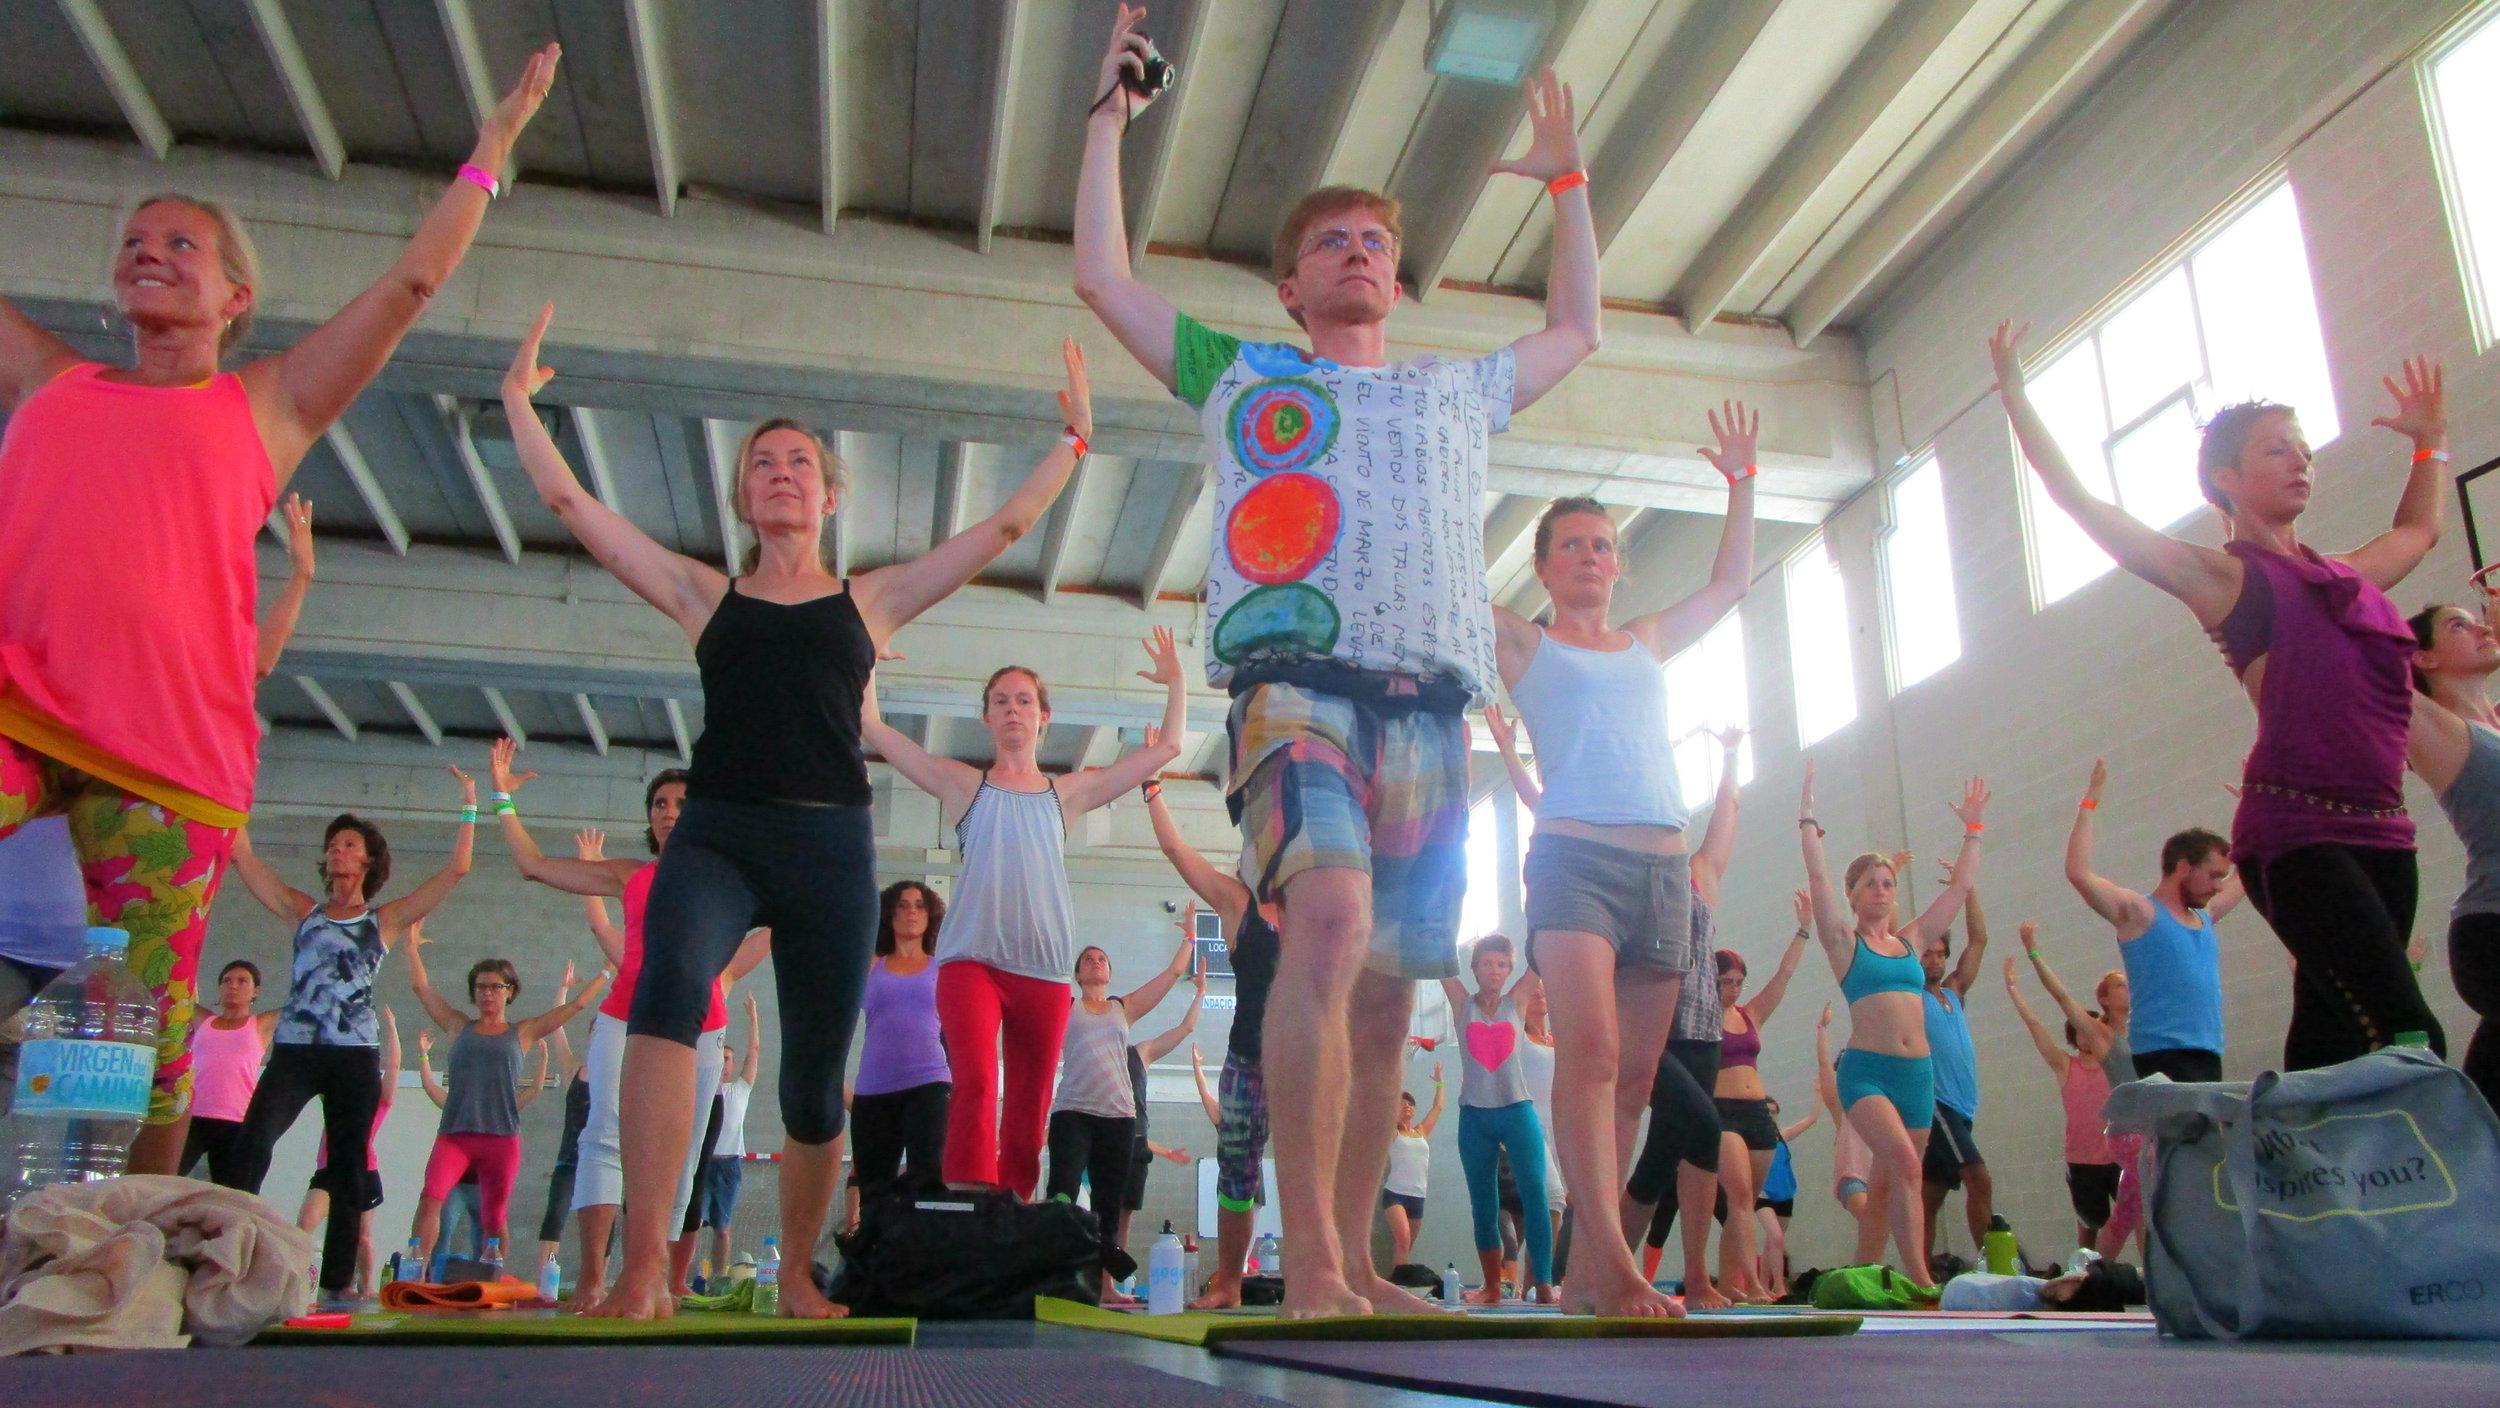 Un cours de yoga thérapeutique dirigé par  Leslie Kaminoff .